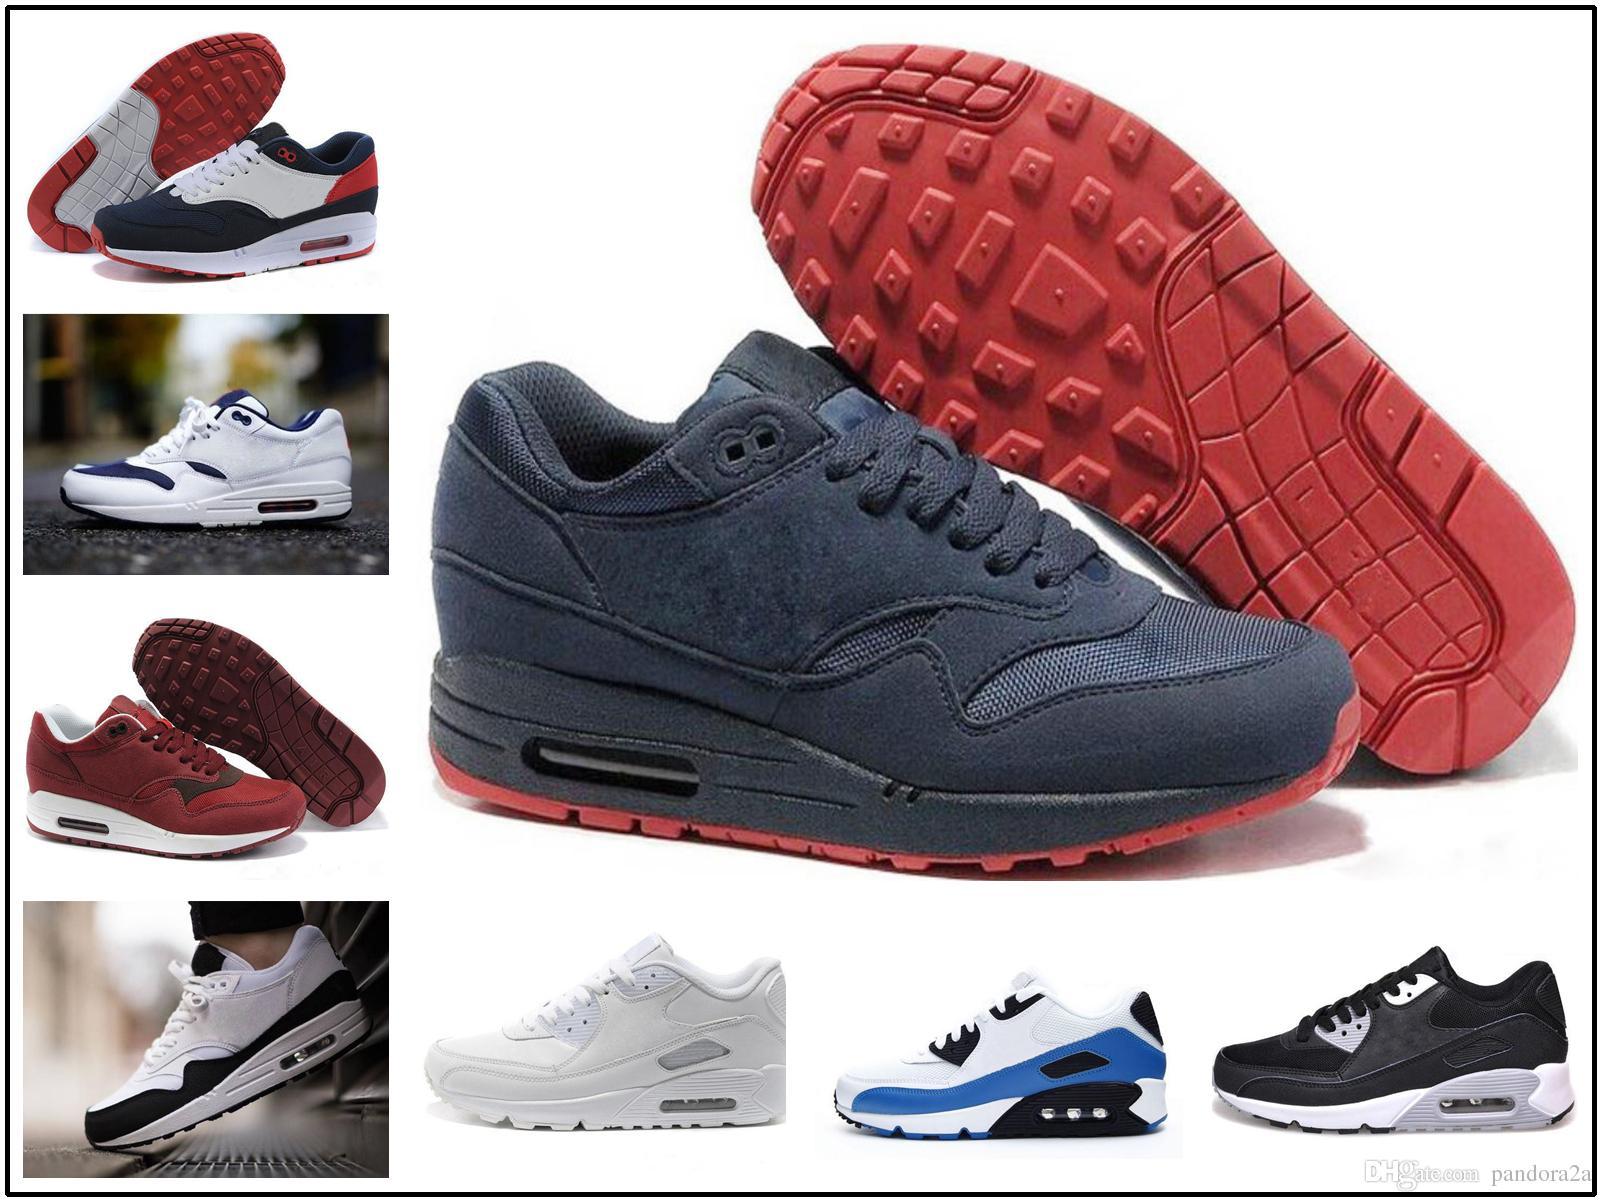 64c6b96d Compre Nike Air Max Airmax 87 90 Nuevo Diseño 87 Ultra Teje Los Zapatos  Casuales Para Hombre, Hombre 1 Moda Atlética Hombre Entrenadores Deportivos  Zapatos ...